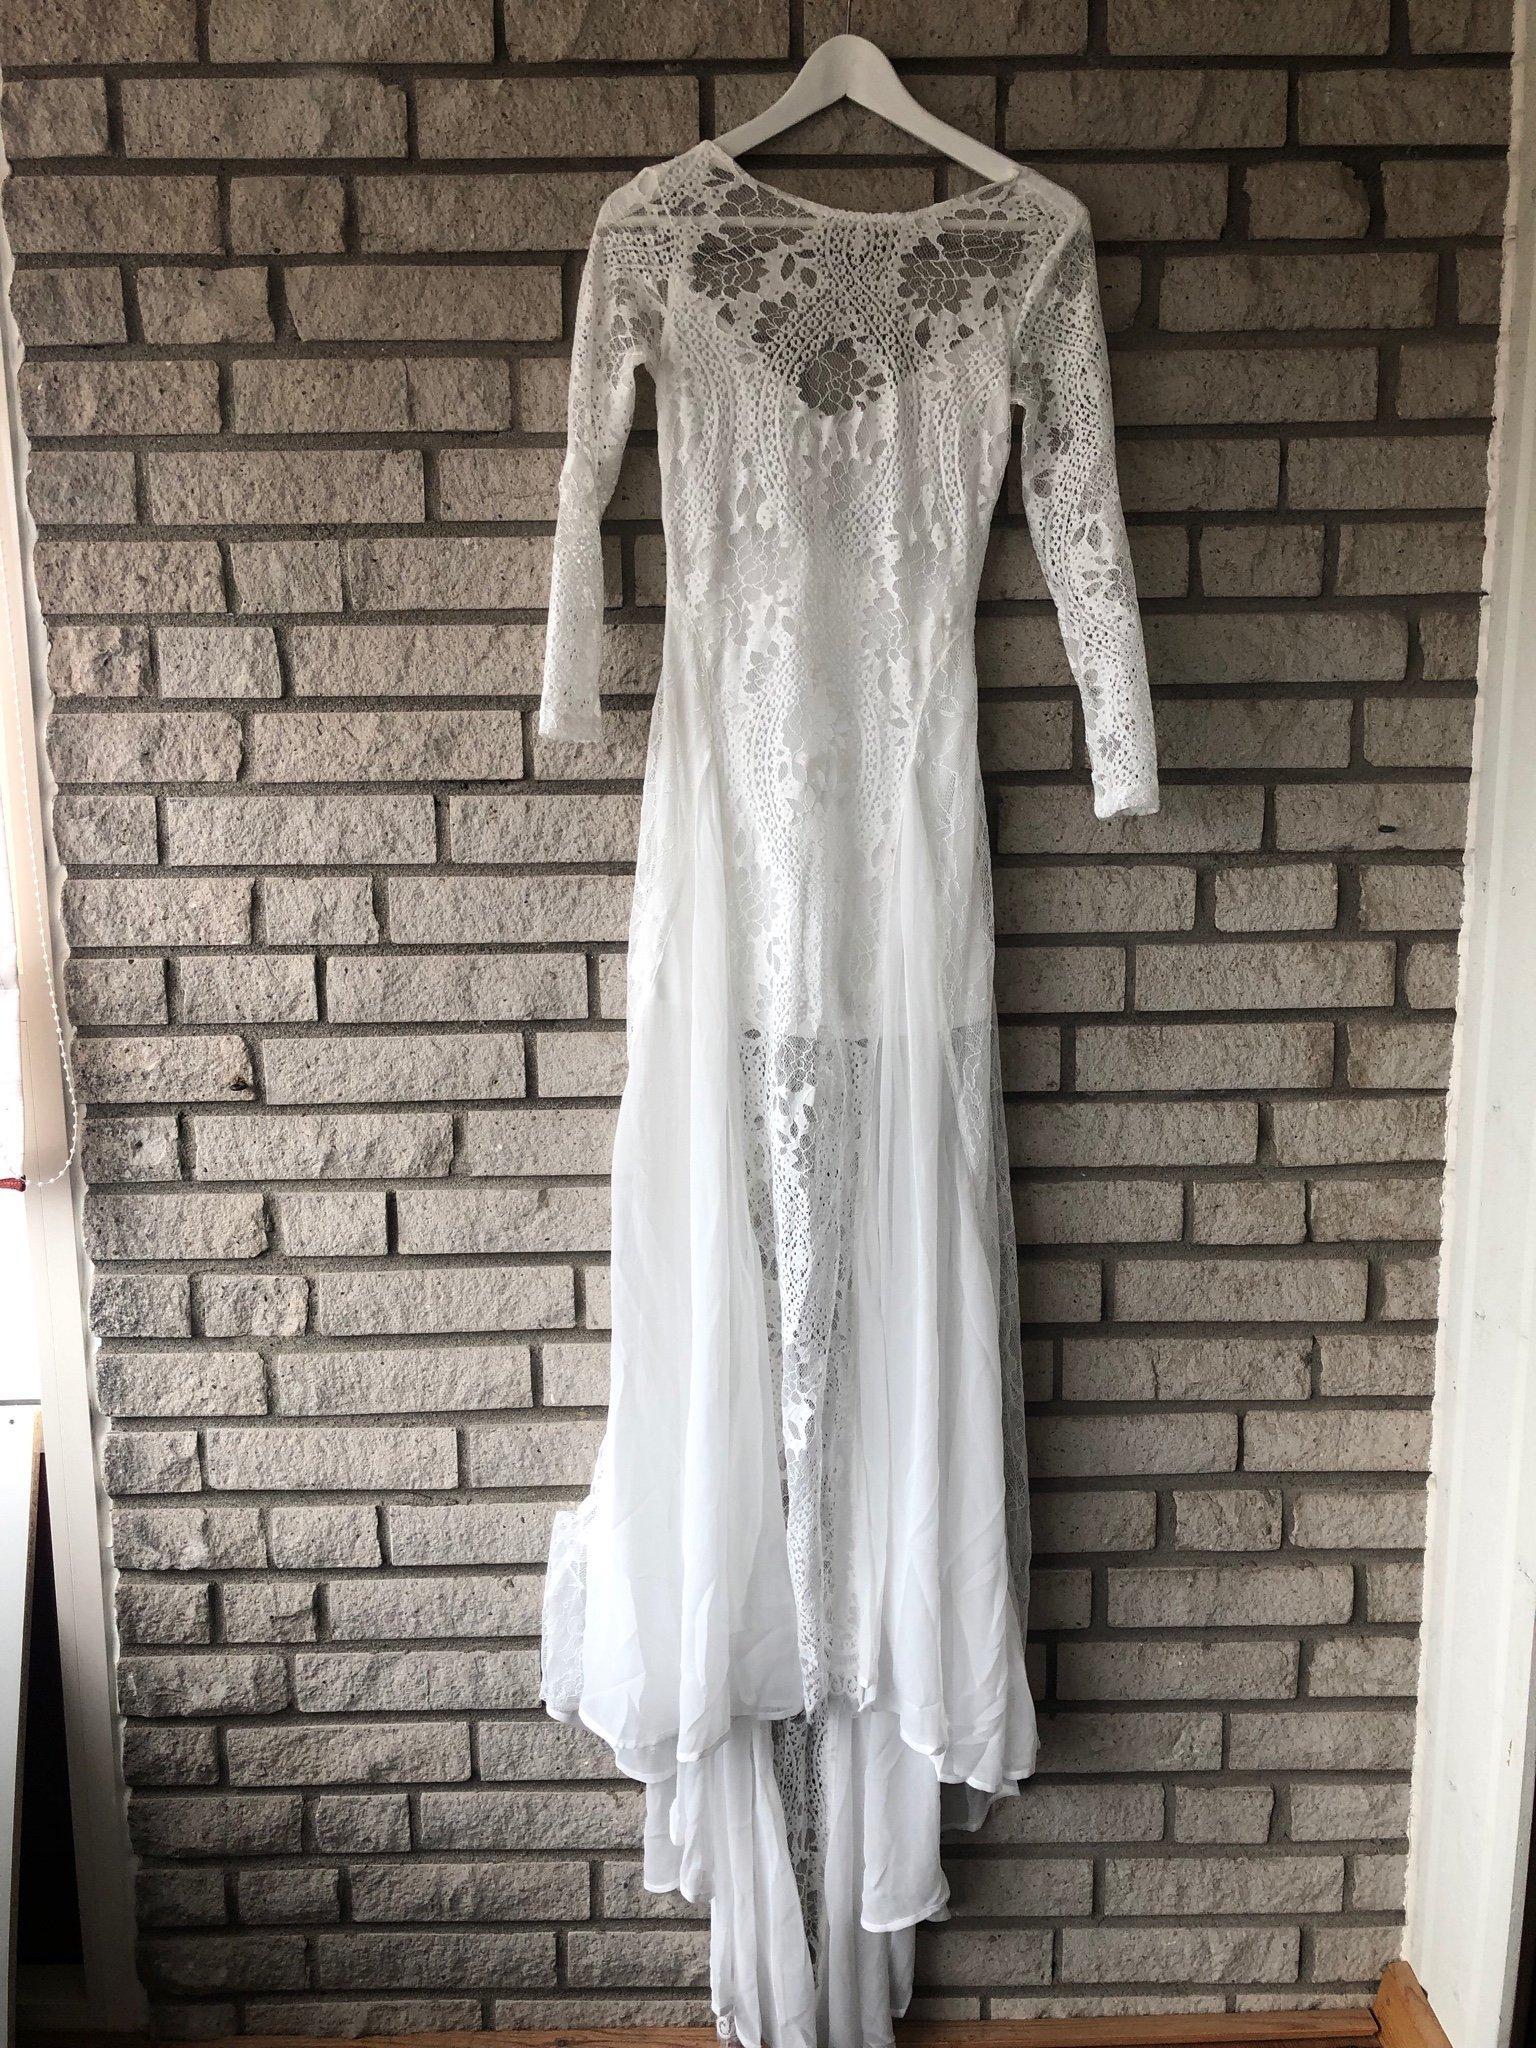 817f4ca5df08 Brudklänning spets boho (349816360) ᐈ Köp på Tradera